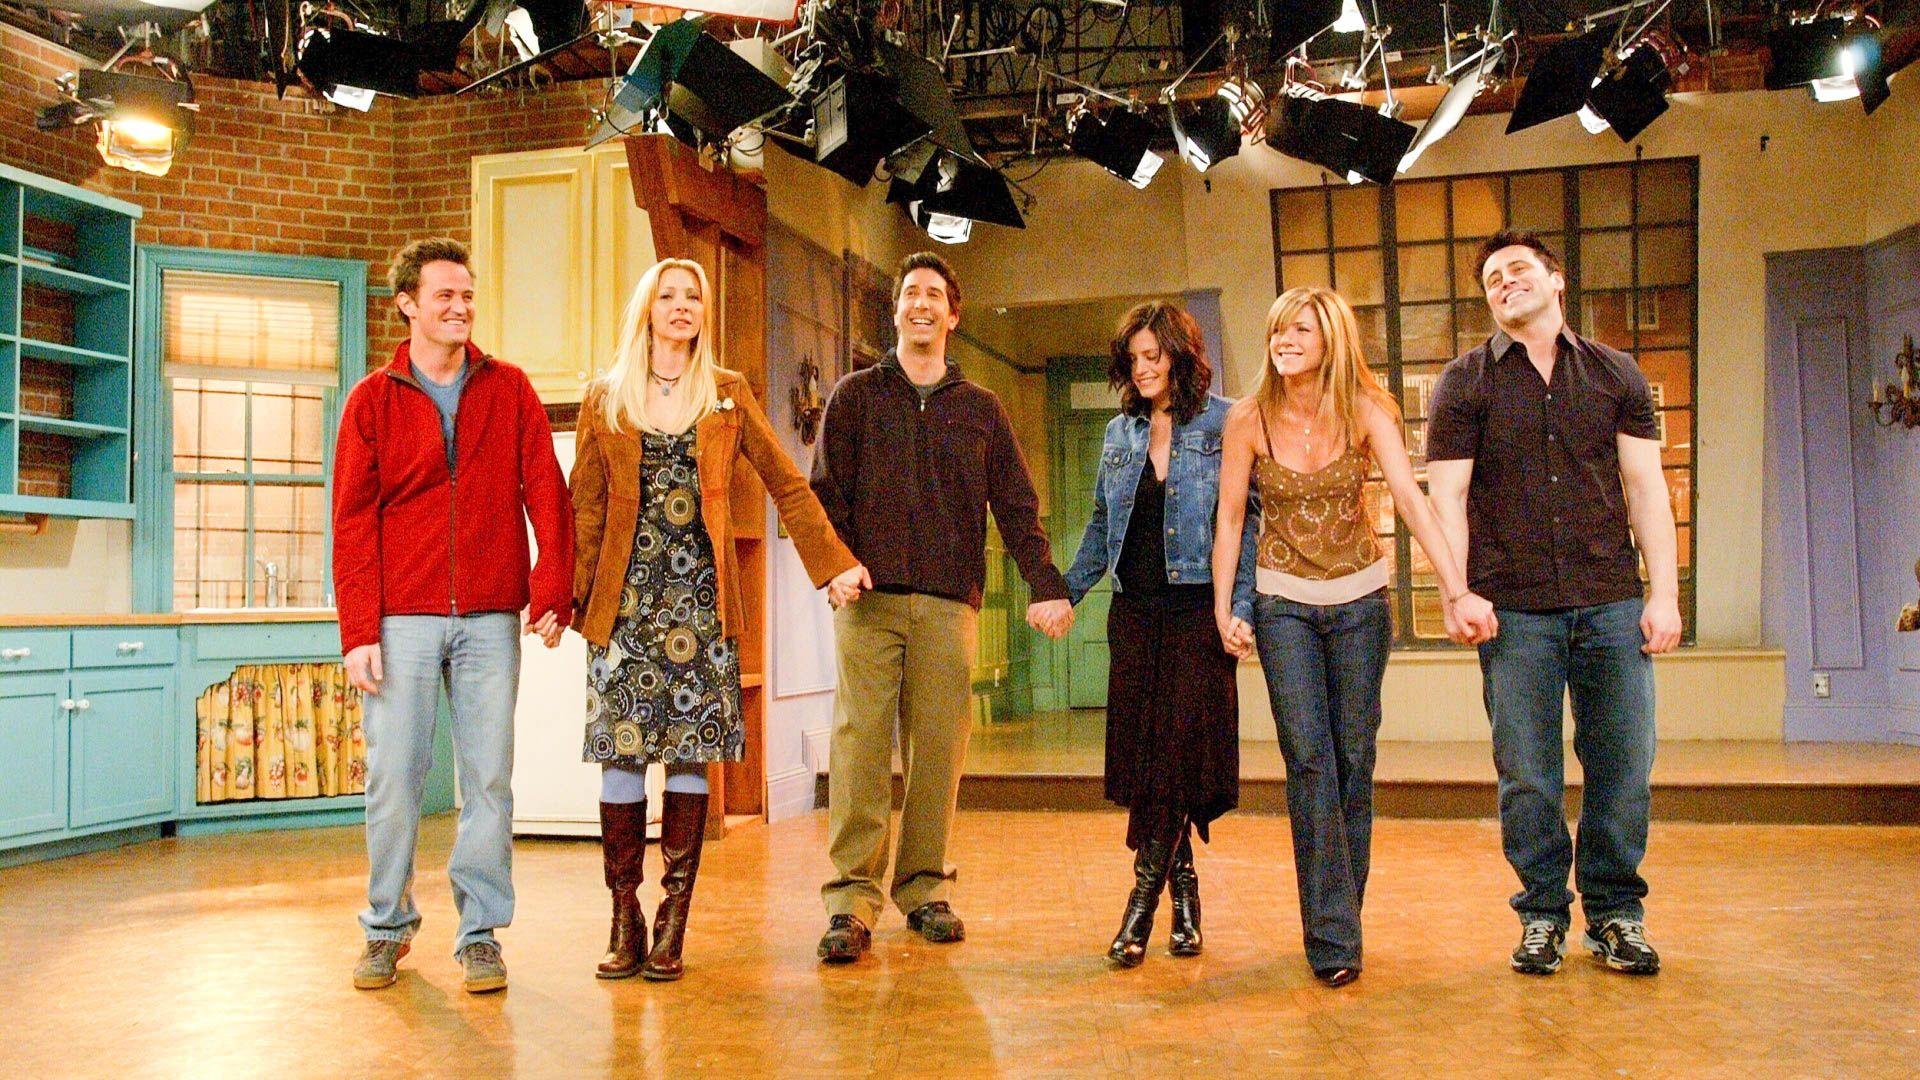 'Friends' podría desaparecer de la programación de Netflix este año